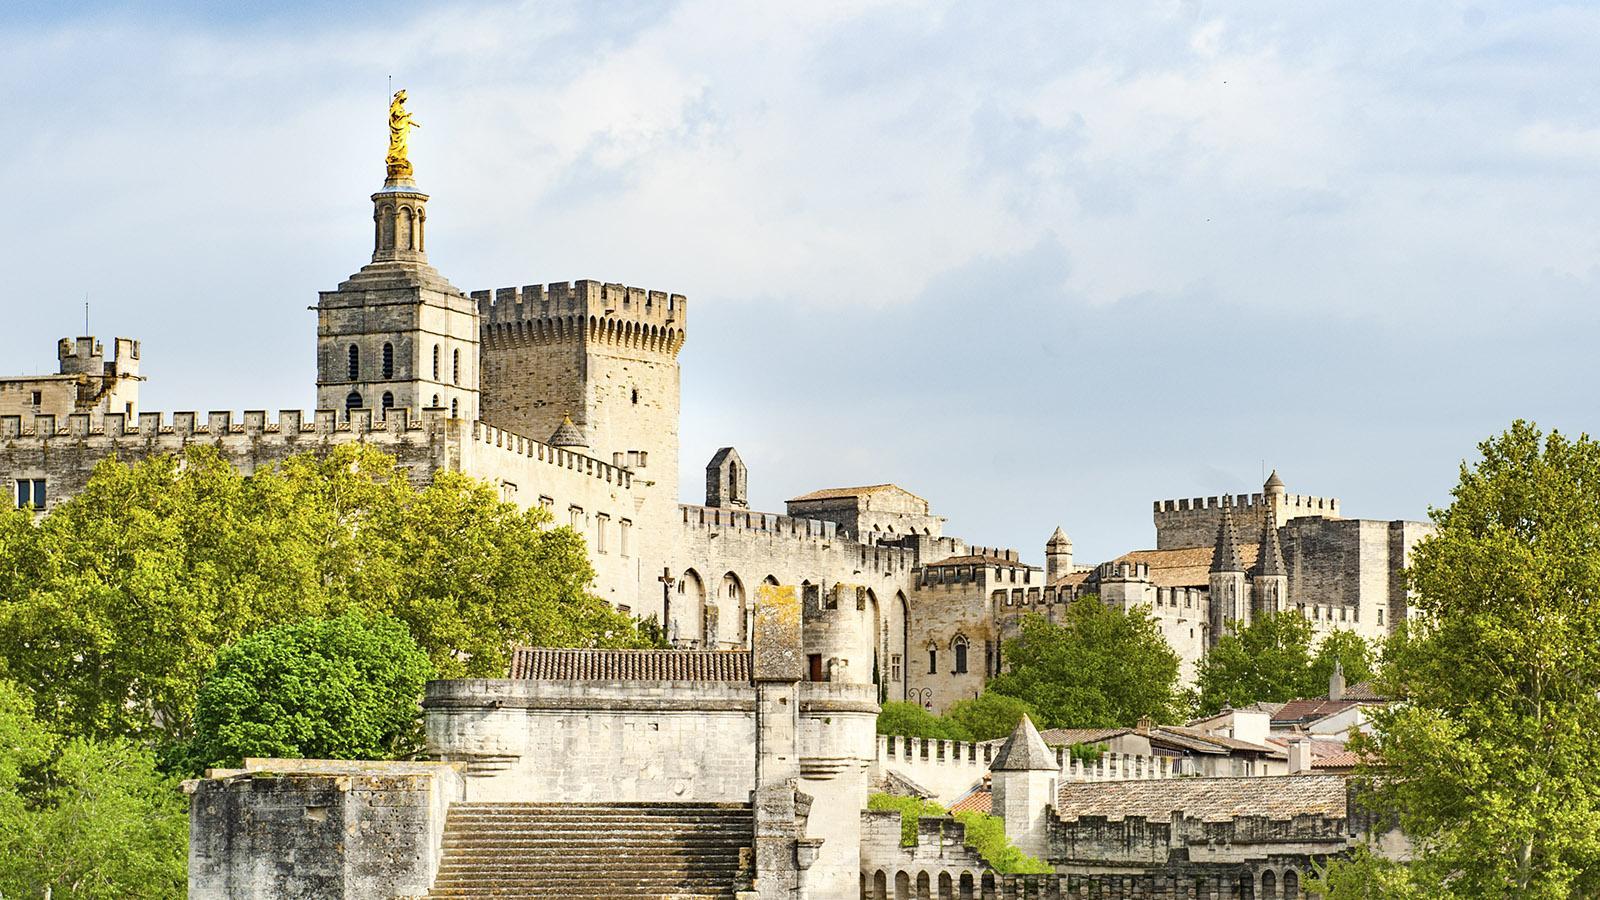 Die Skyline von Avignon von der berühmten Brücke. Foto: Hilke Maunder